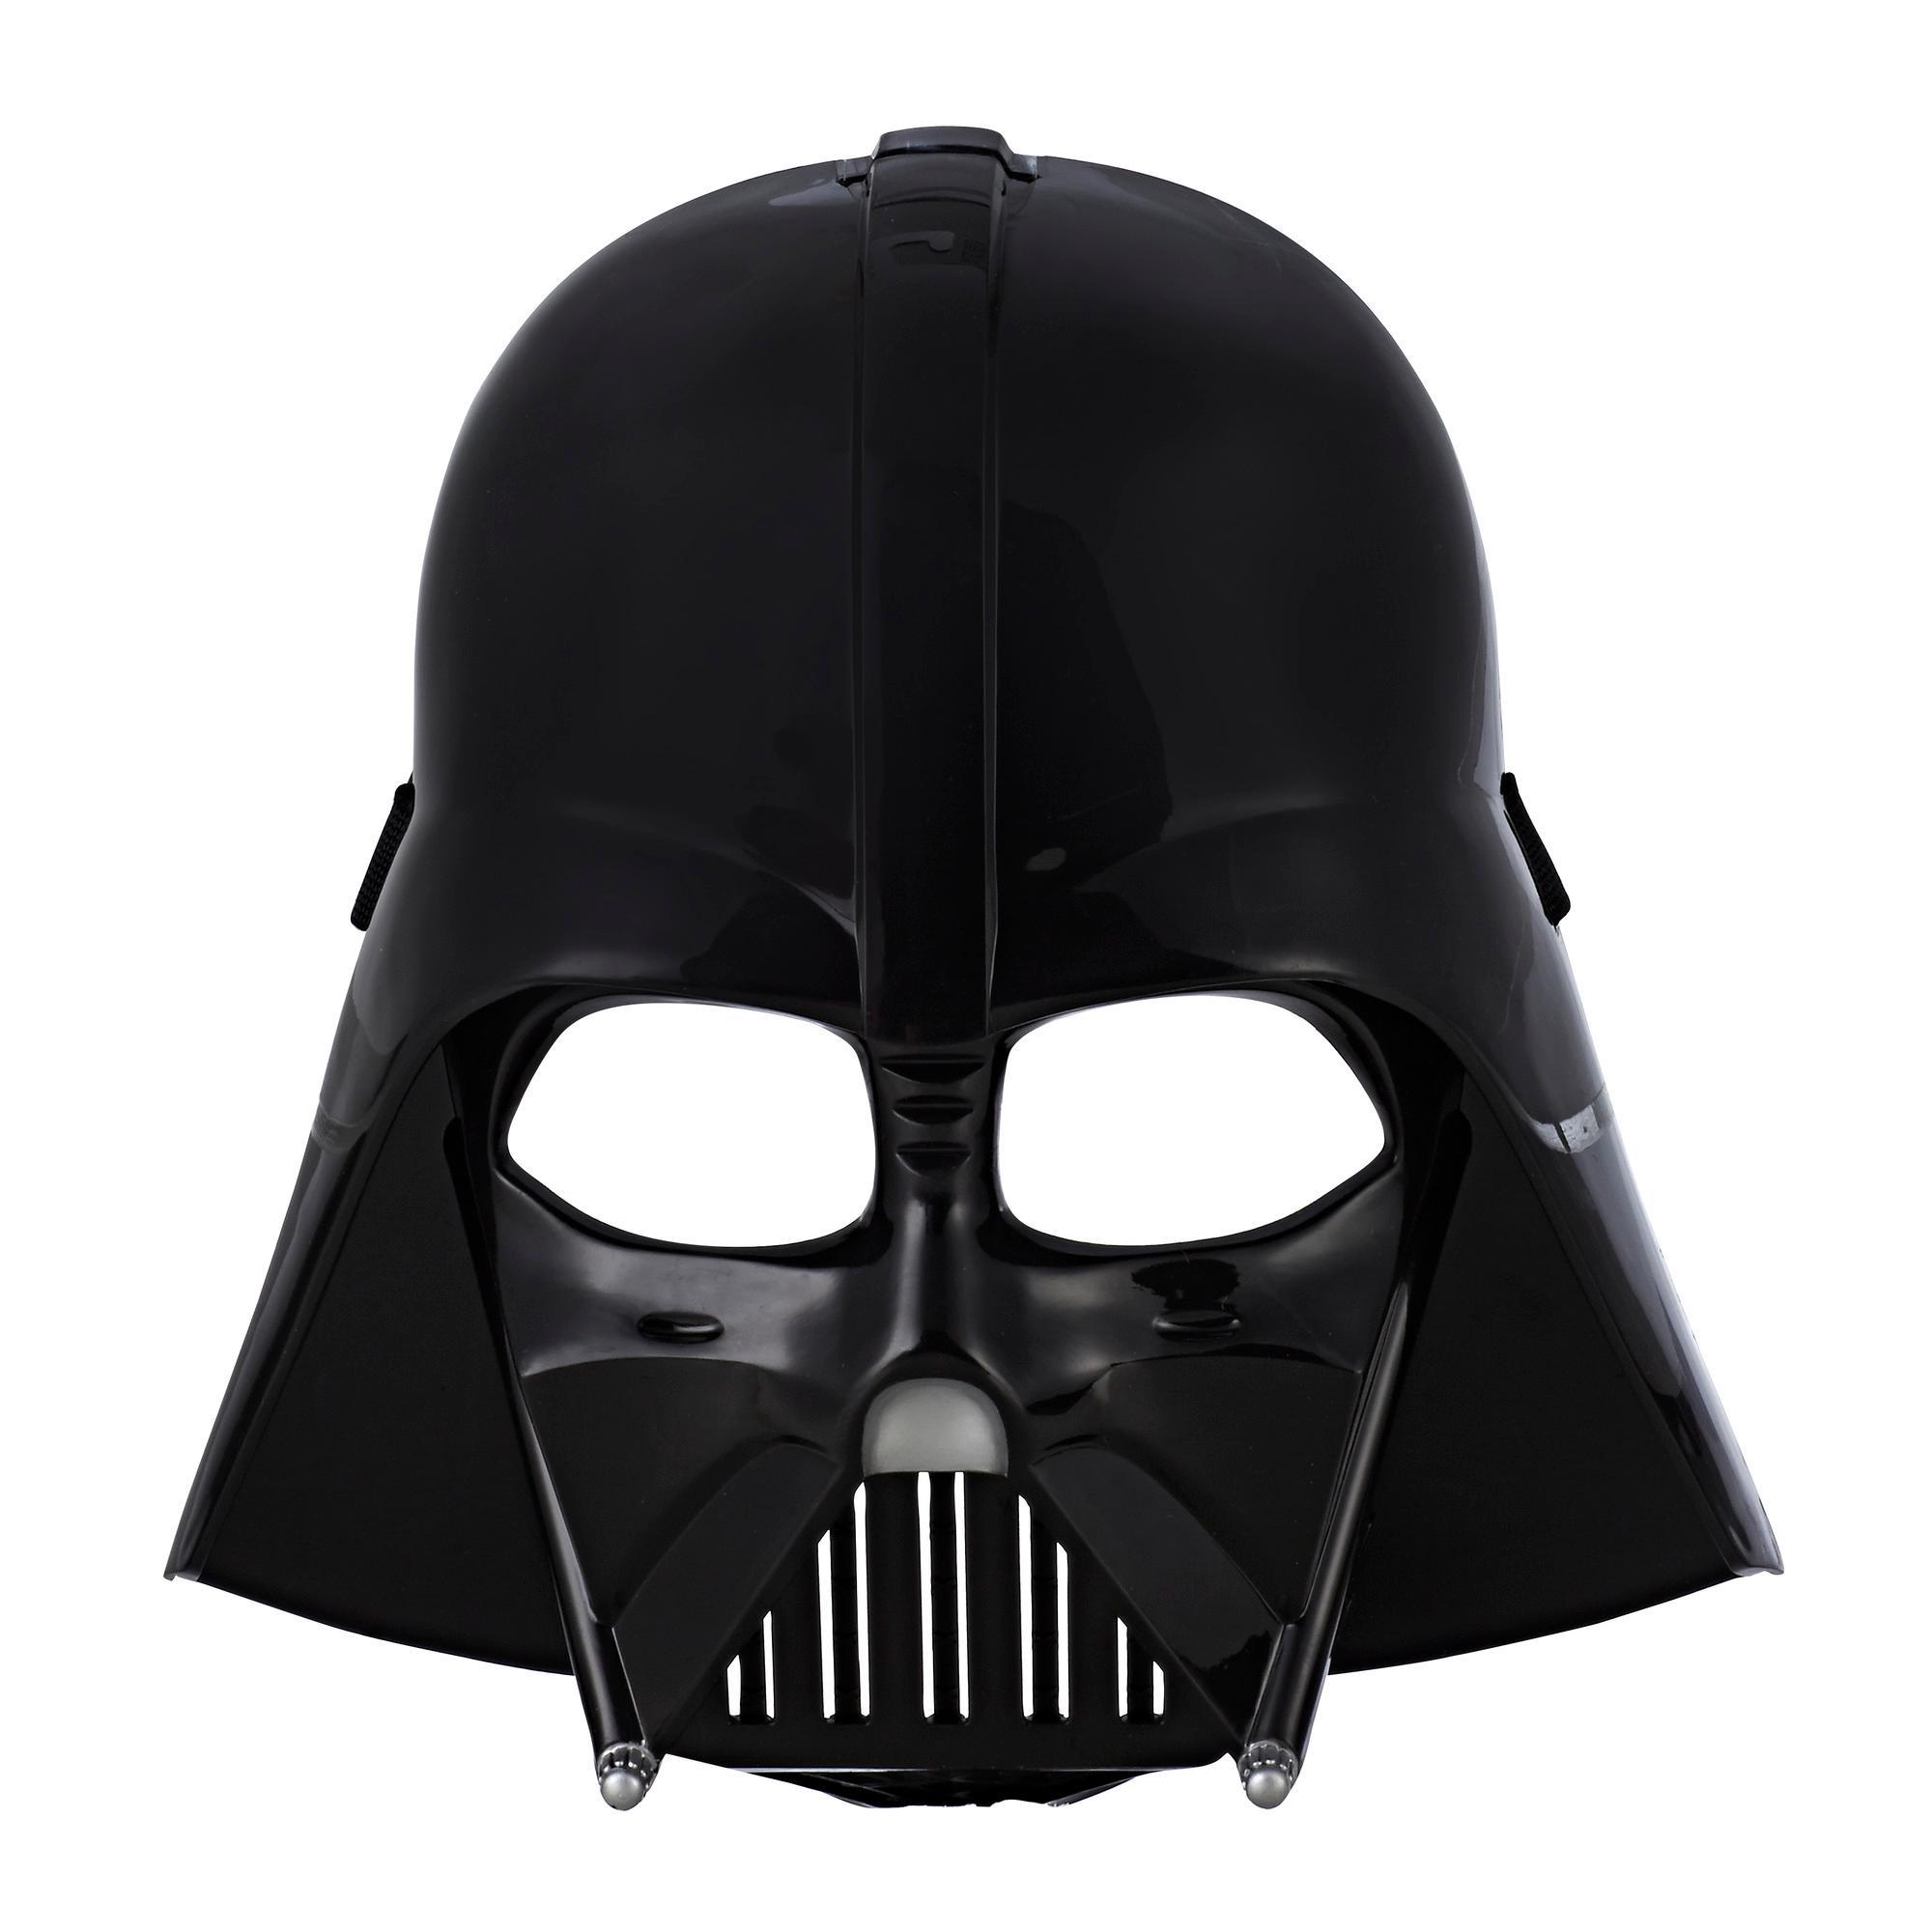 Star Wars: A New Hope Darth Vader Mask